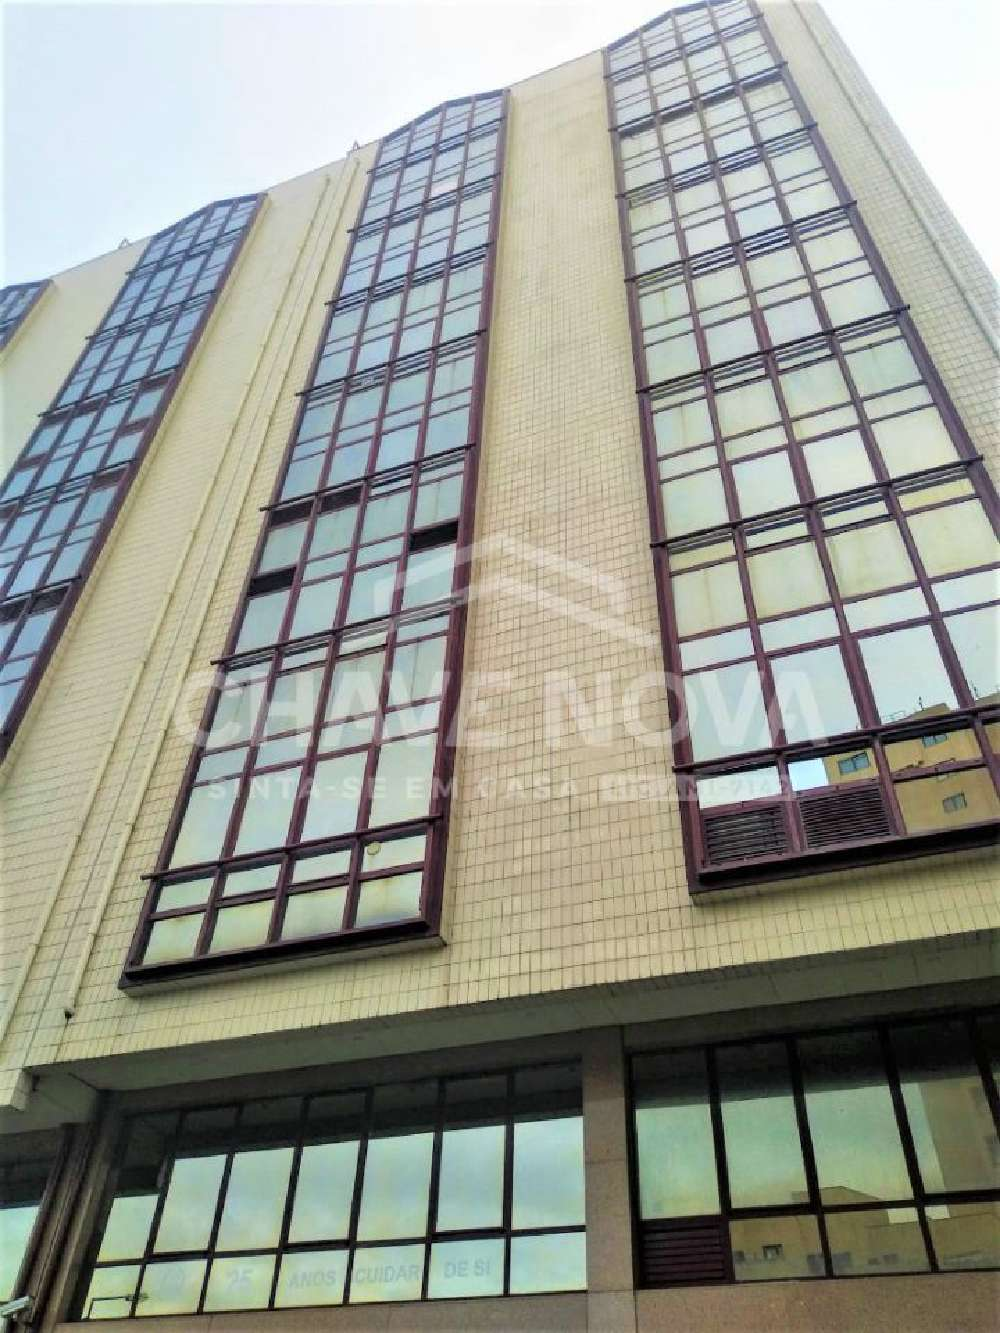 Vila Nova de Gaia Vila Nova De Gaia casa foto #request.properties.id#